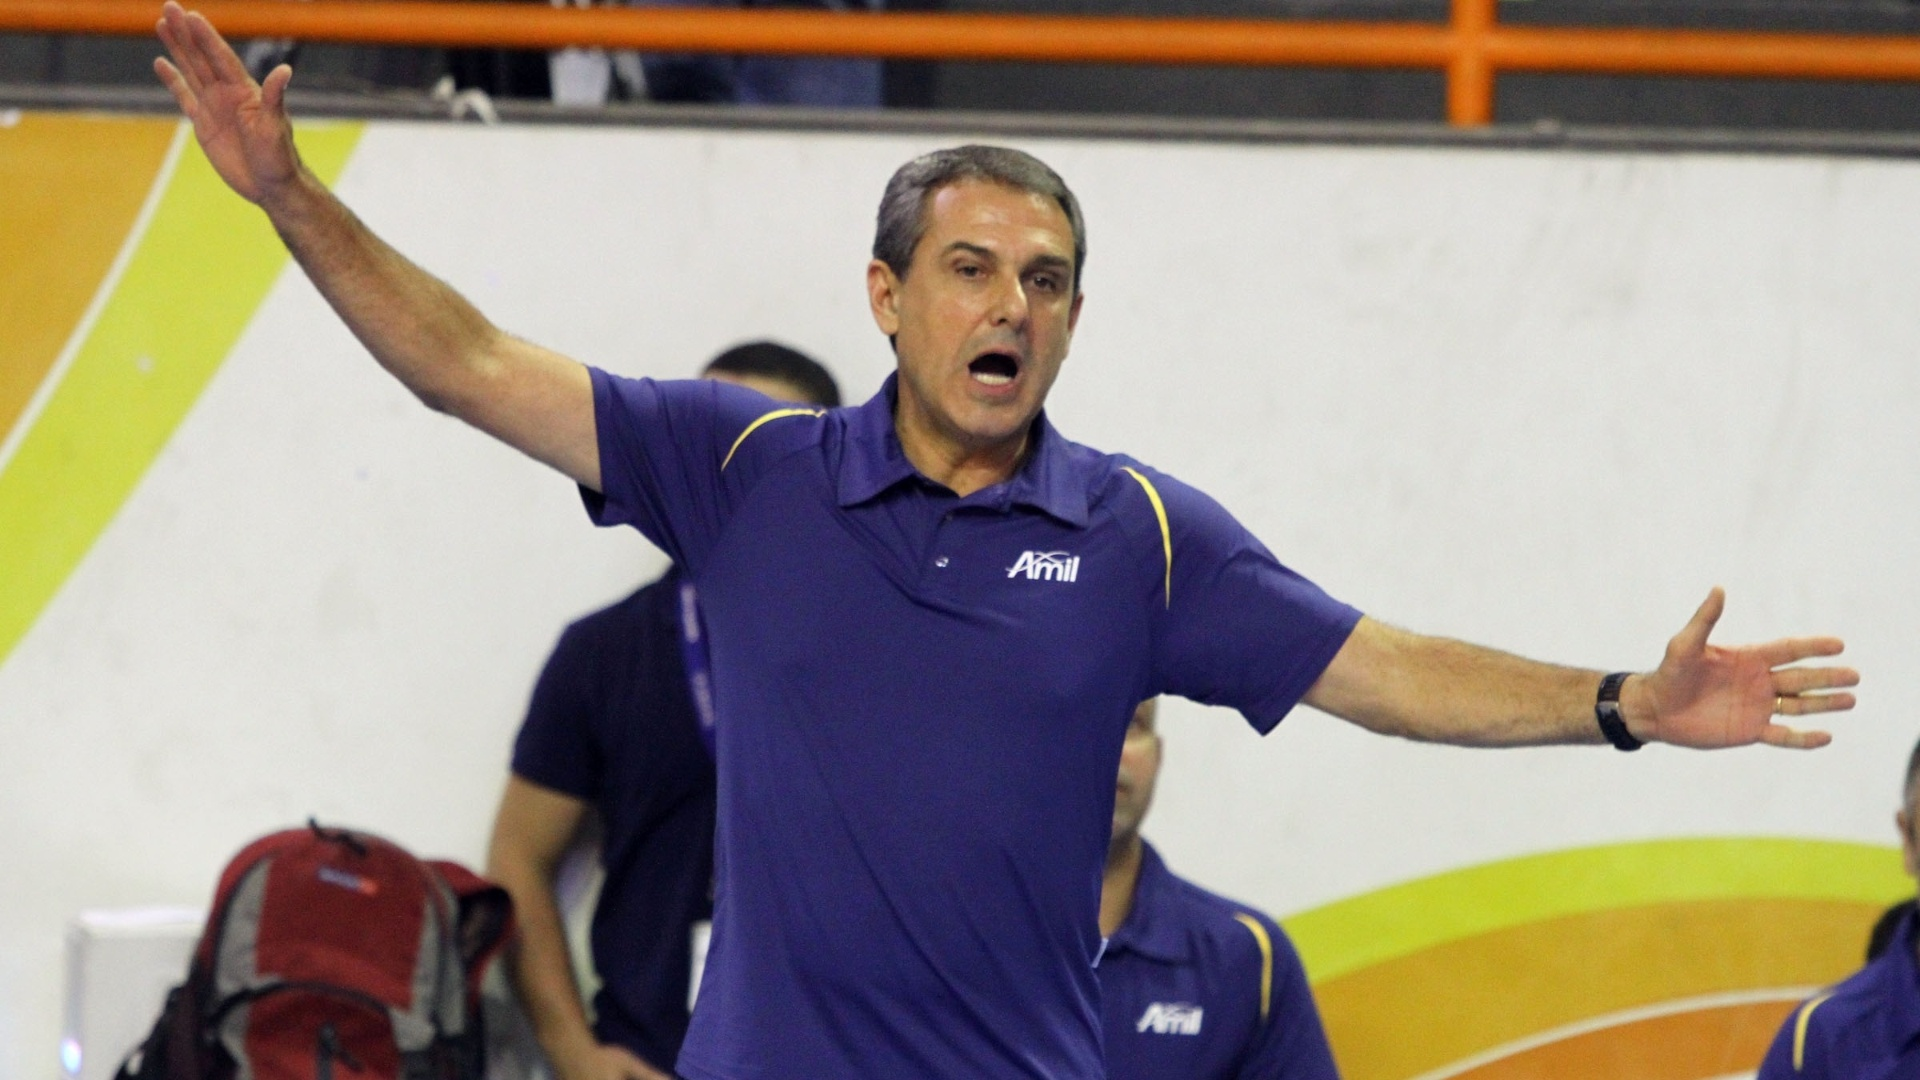 José Roberto Guimarães, técnico do Vôlei Amil, gesticula com a sua equipe durante a partida contra o Sollys/Nestlé